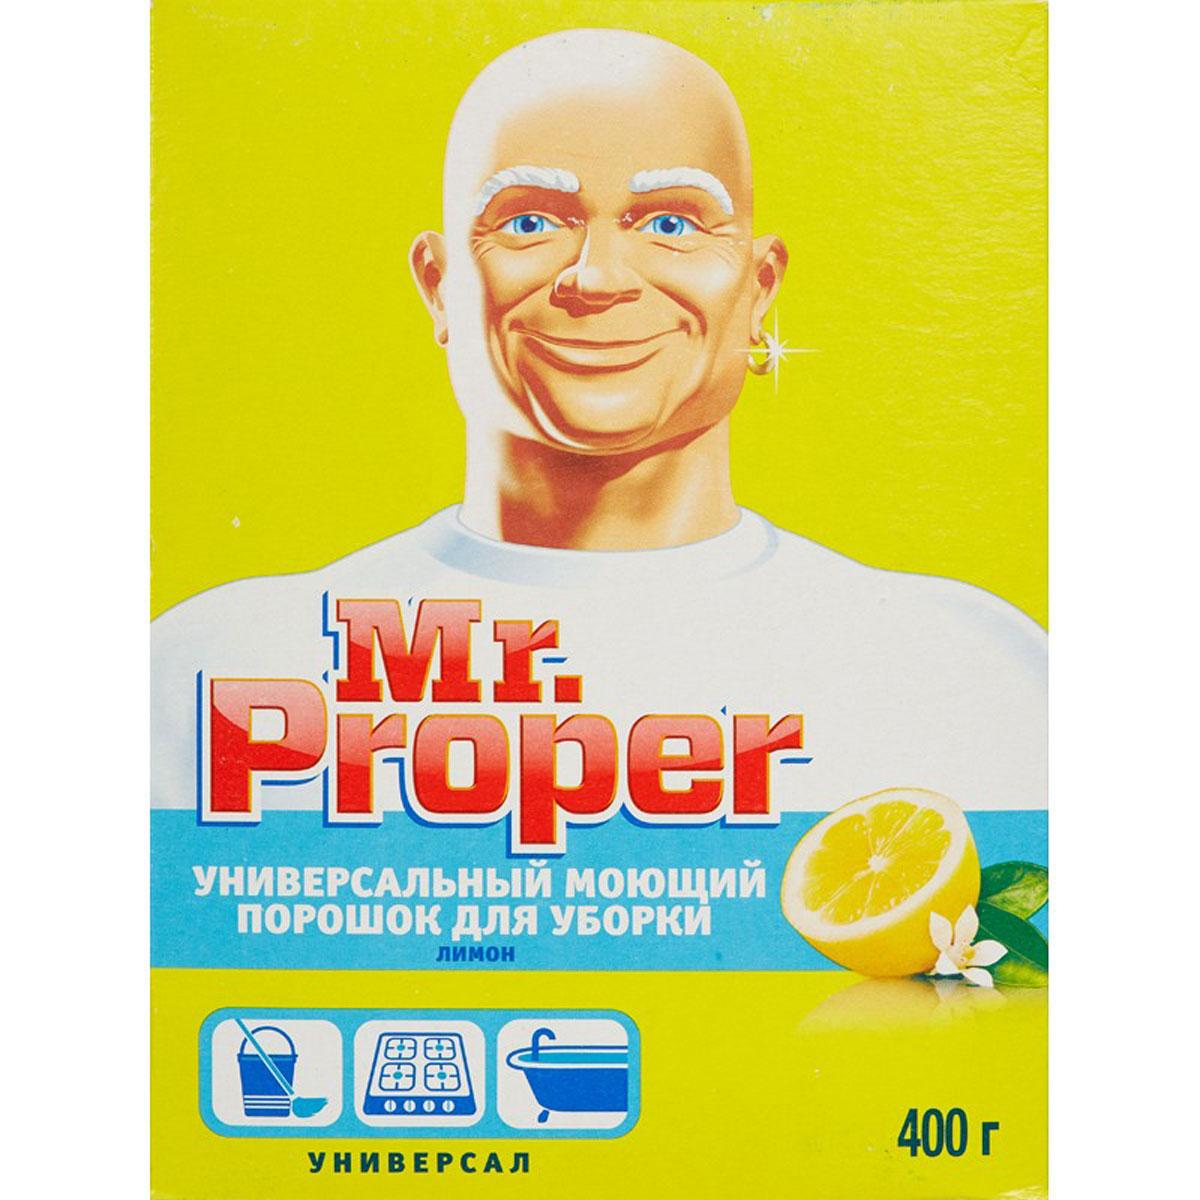 Универсальный моющий порошок Mr. Proper, для уборки, ароматом лимона, 400 г